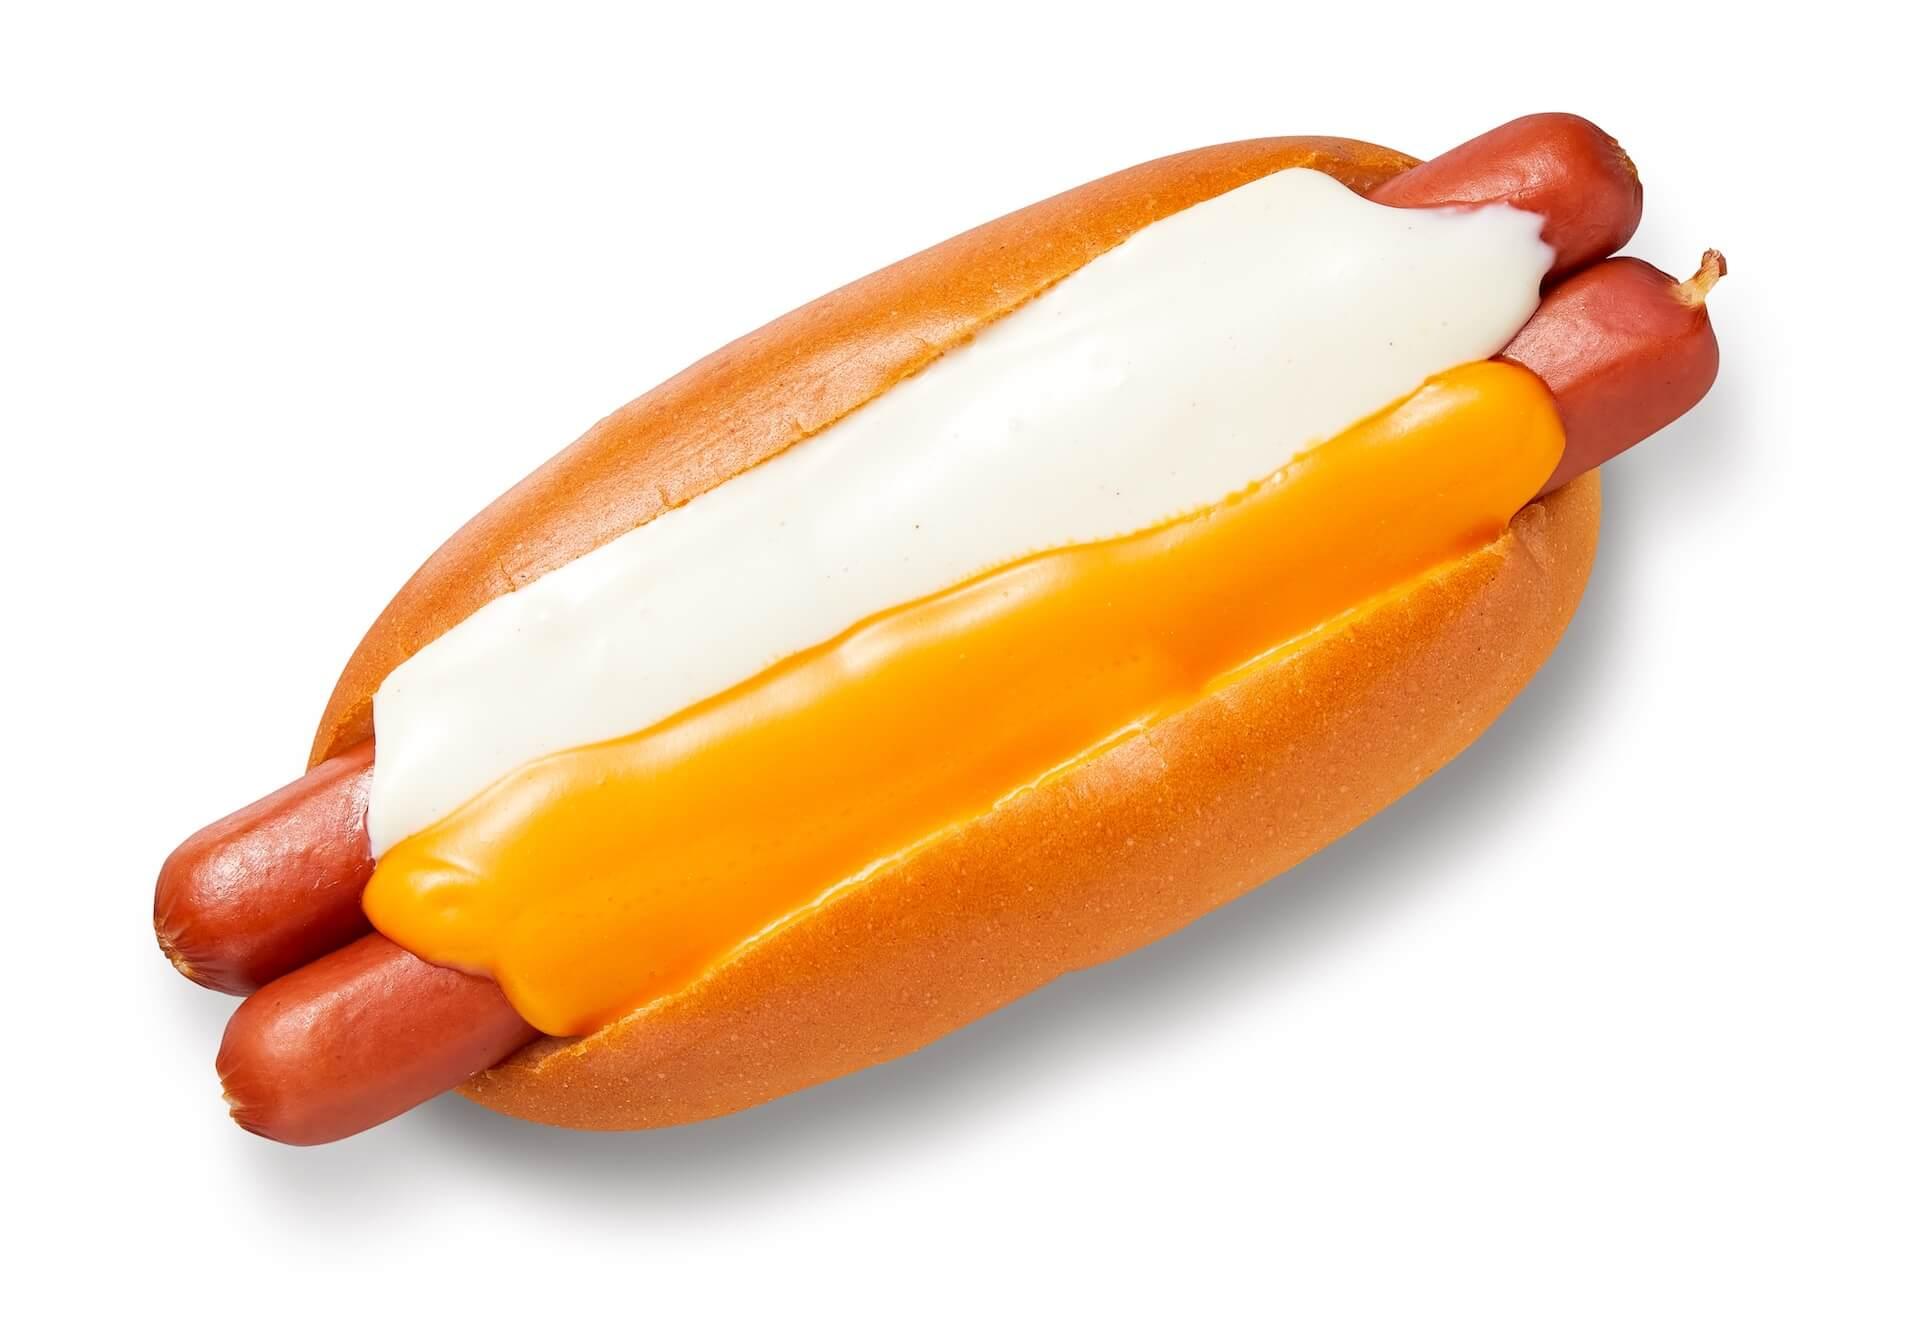 【超朗報】IKEAで<チーズ フェア>が開催!チーズにまみれのホットドッグ、ナチョス、カルボナーラ、スープ、ケーキを味わおう food191112-ikea-cheeze-6